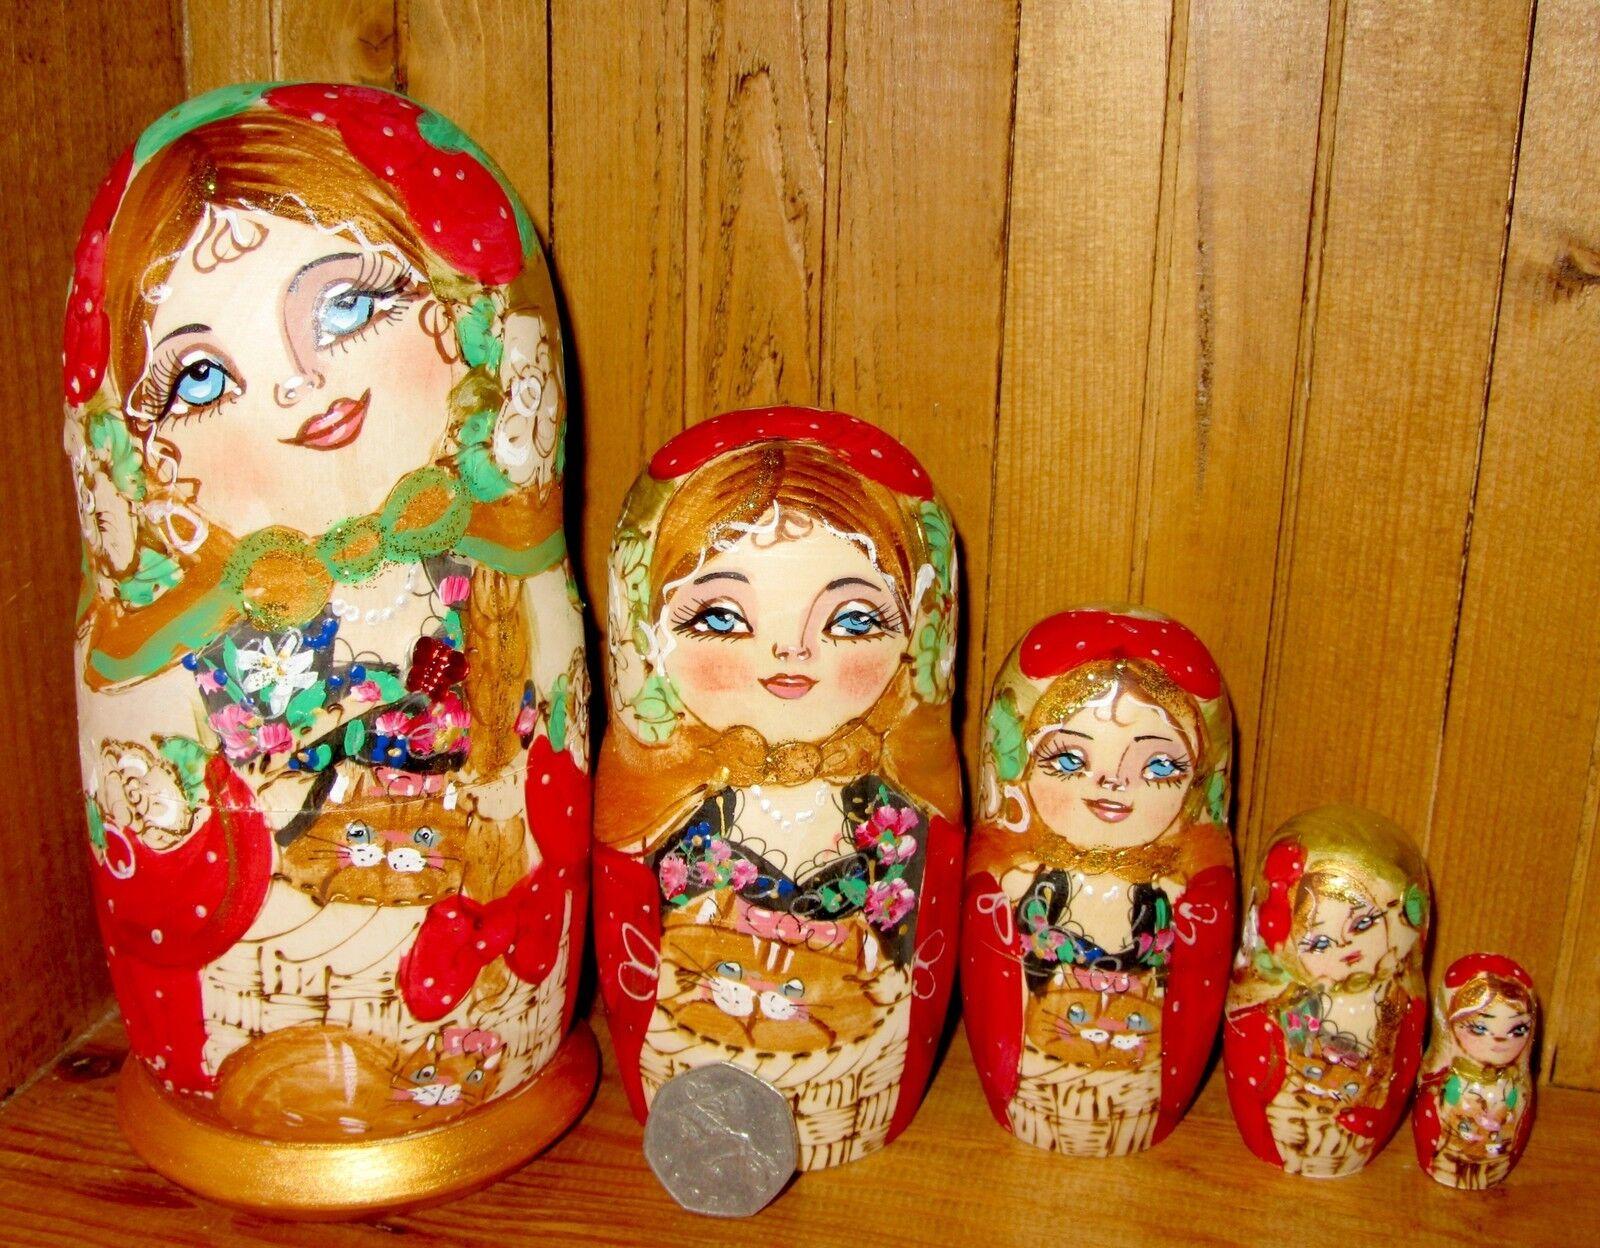 Russische Verschachtelung Puppe Matryoshka 5 Teile Brandmalerei Matt Katzen Von